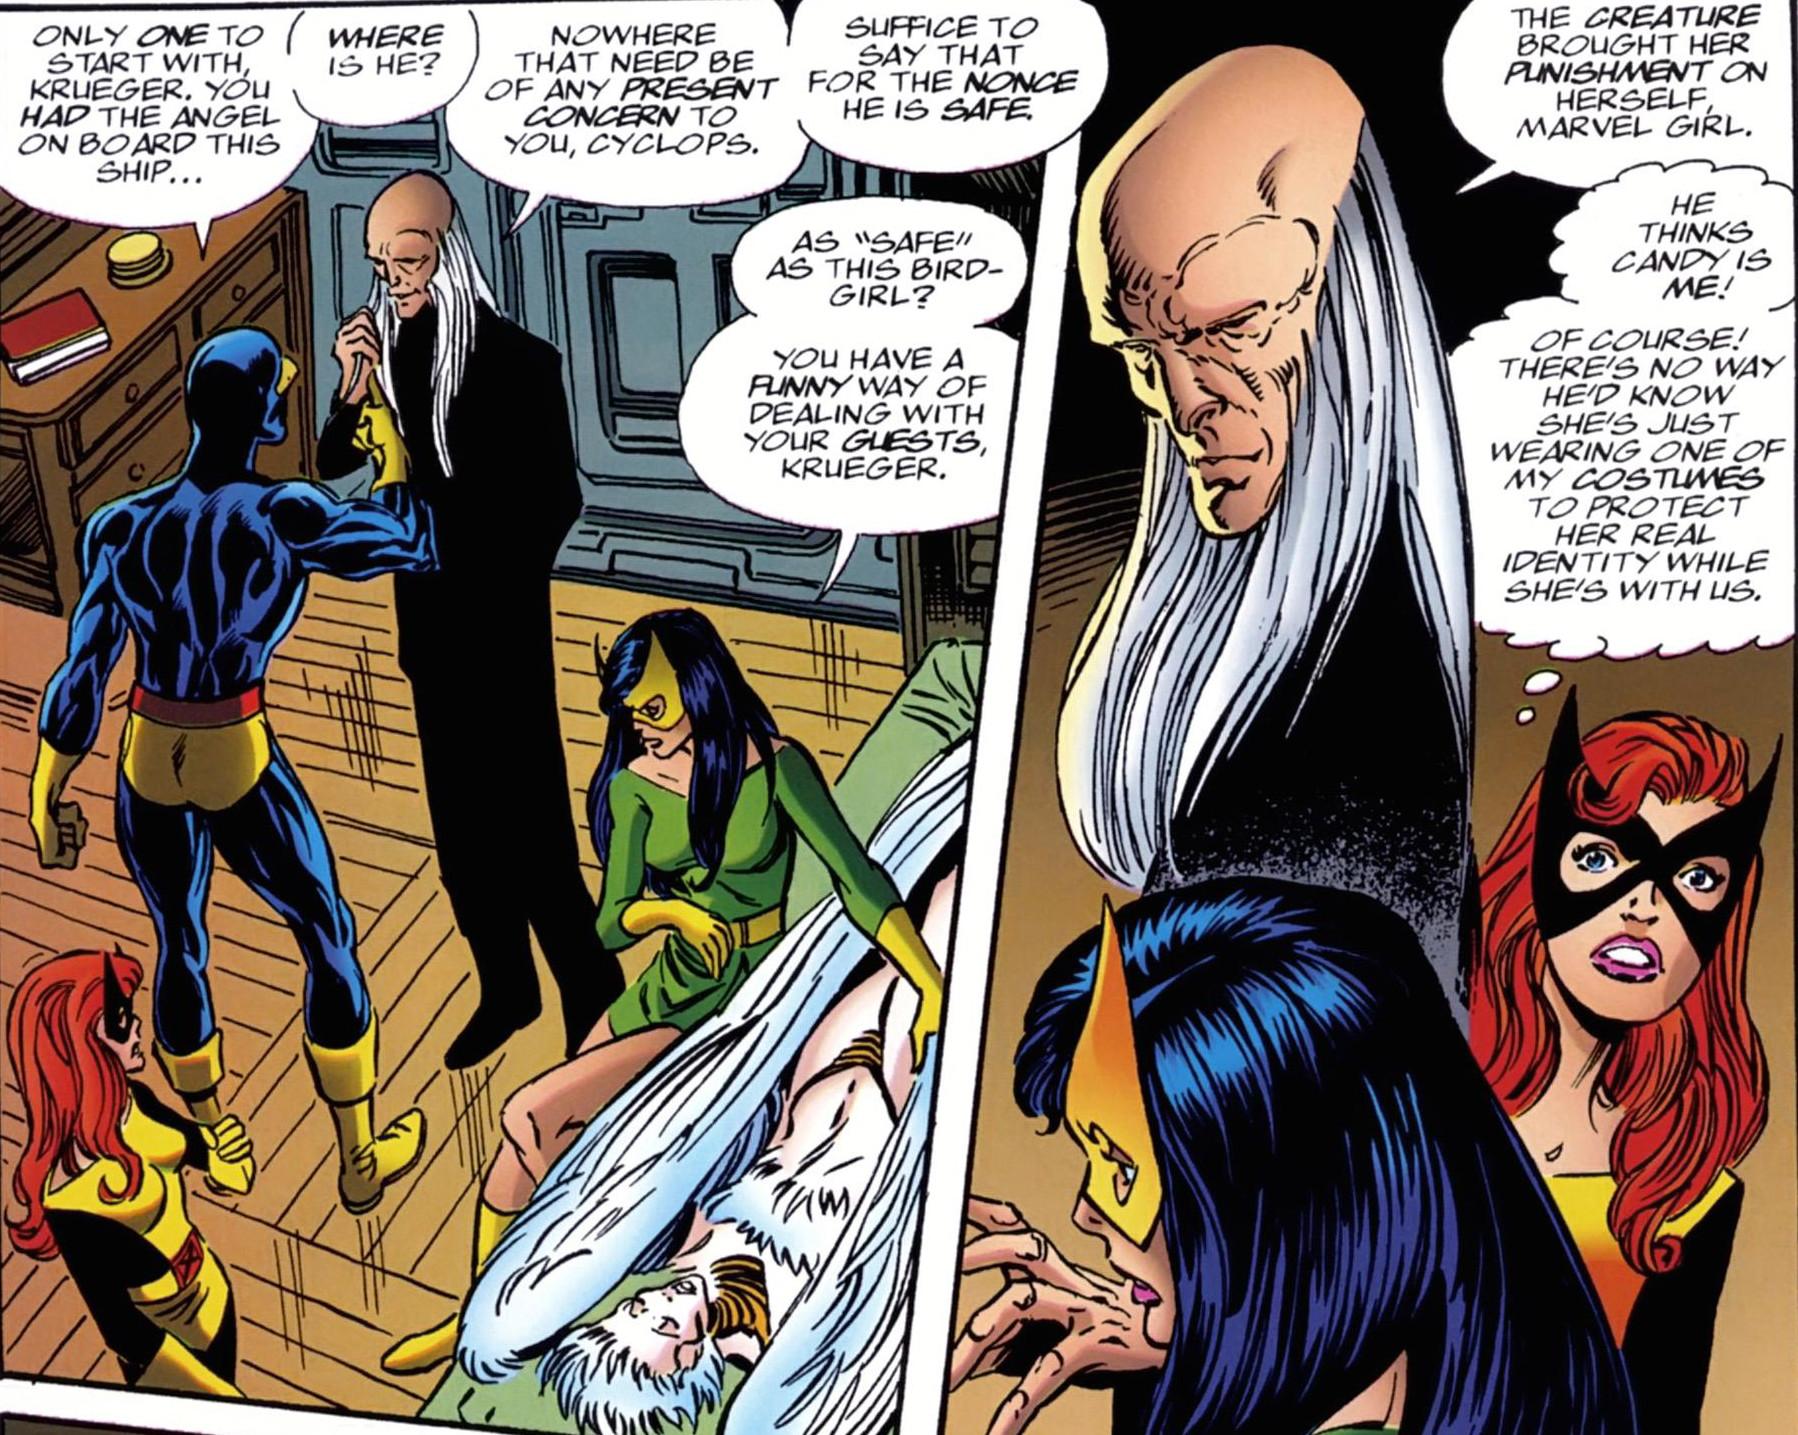 X-Men The Hidden Years 1 review